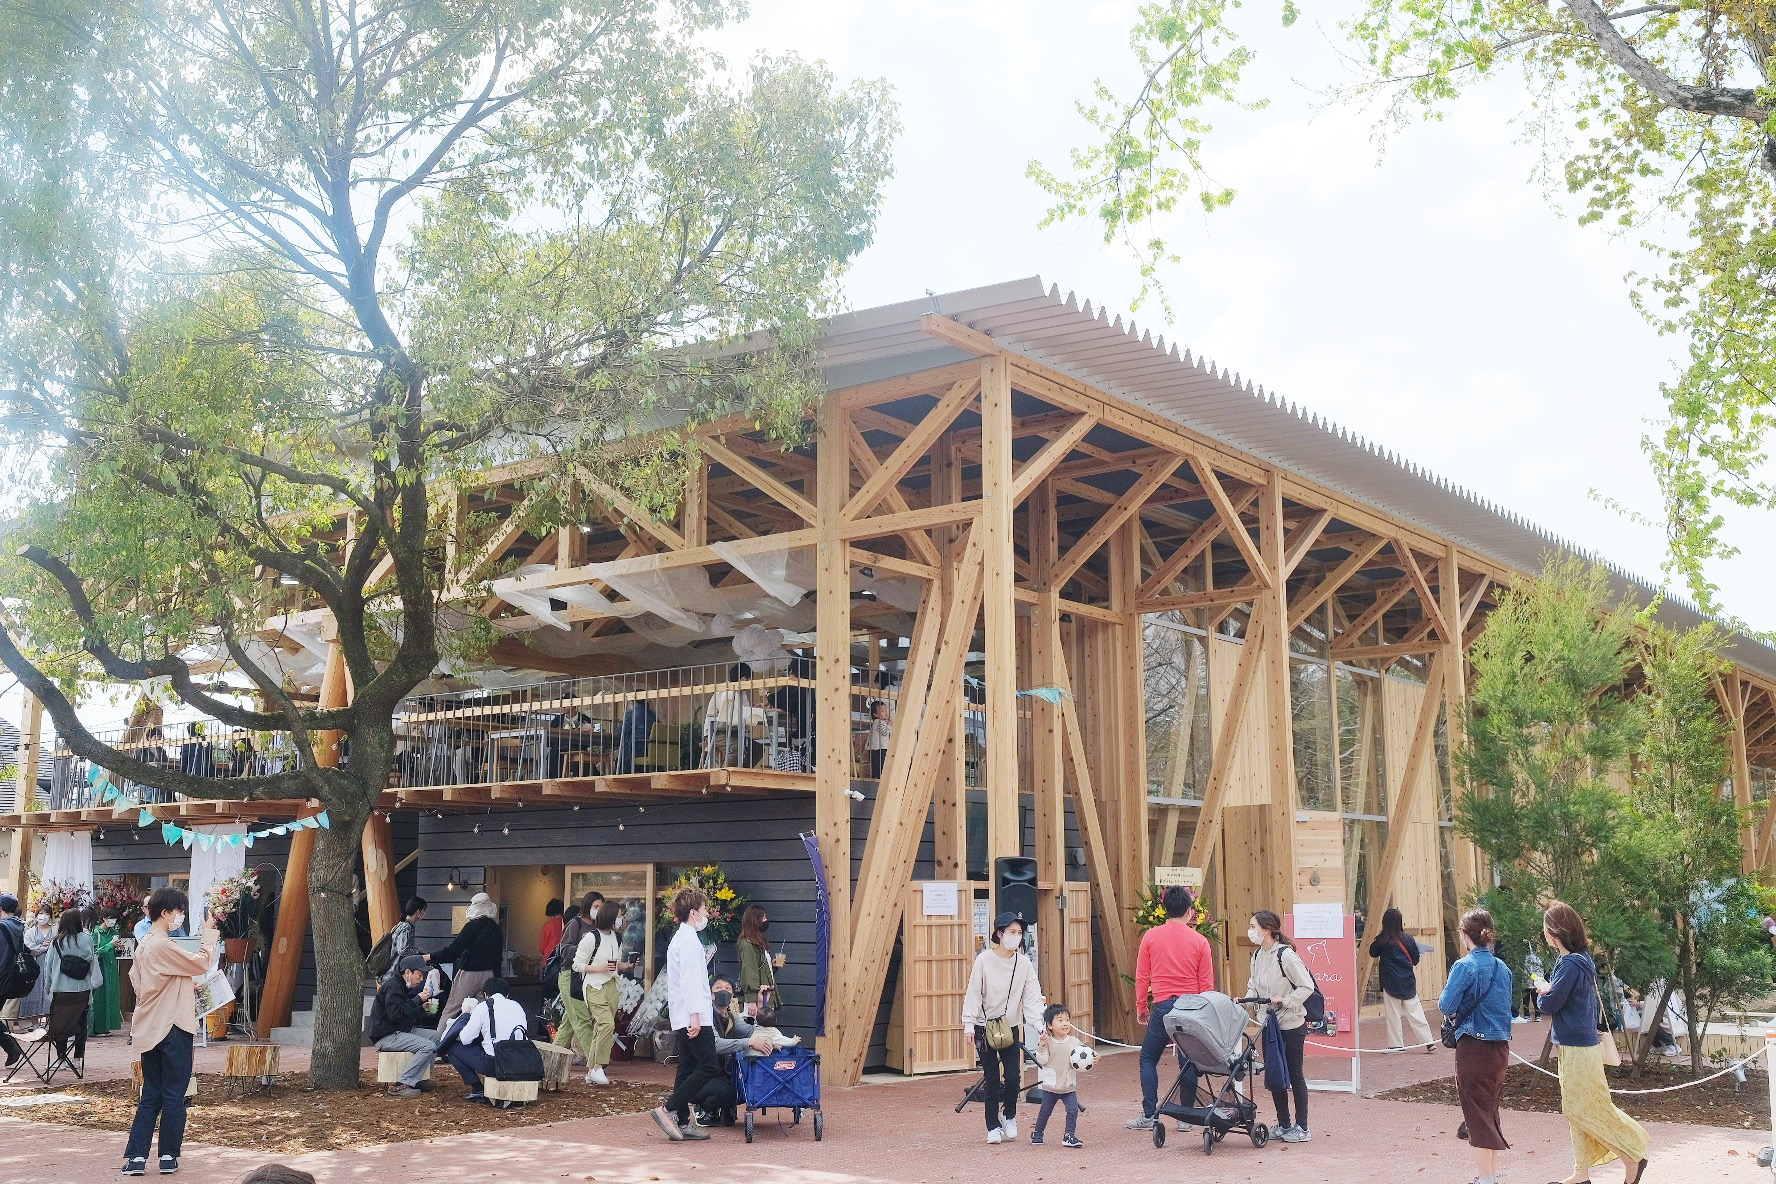 岐阜に「KAKAMIGAHARA PARK BRIDGE(カカミガハラ パーク ブリッジ)」が誕生!気になる公園の魅力をレポート - image14